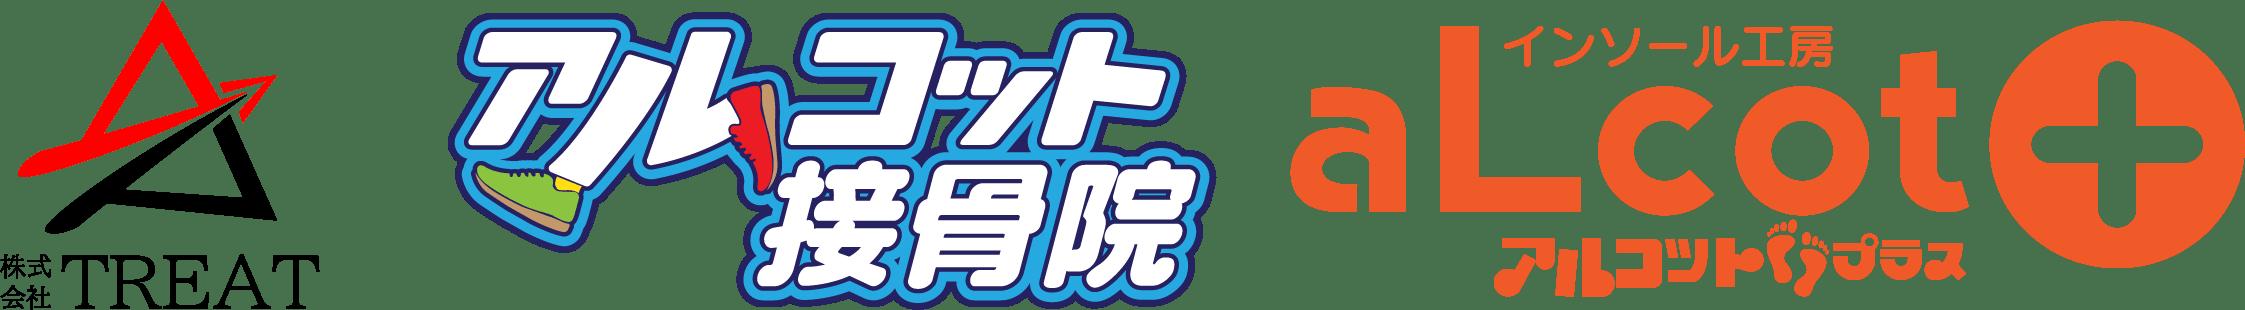 【石川県金沢市】アルコット接骨院【スポーツ障害/巻き爪/インソール/むち打ち】